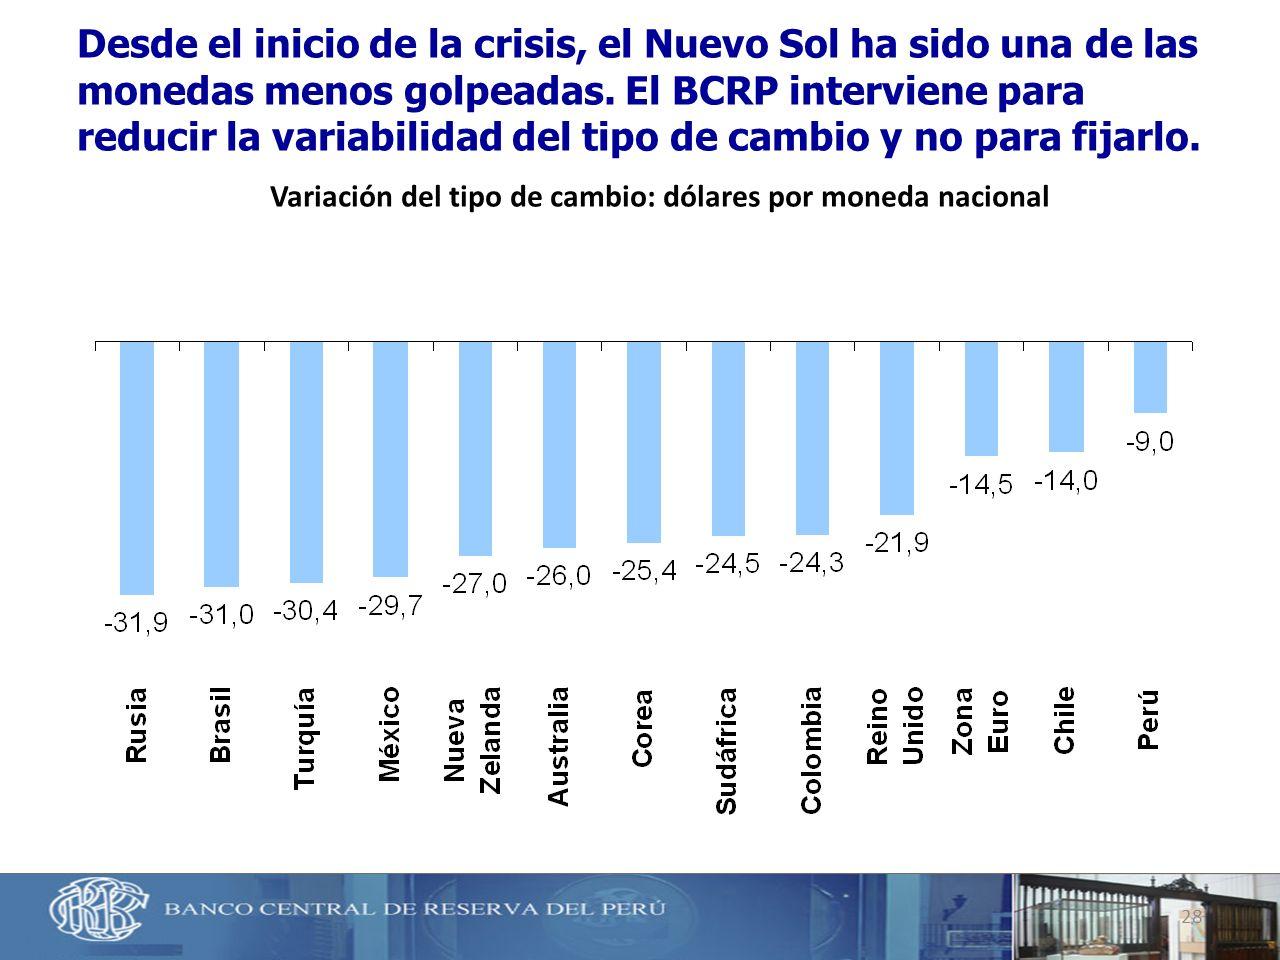 28 Desde el inicio de la crisis, el Nuevo Sol ha sido una de las monedas menos golpeadas. El BCRP interviene para reducir la variabilidad del tipo de